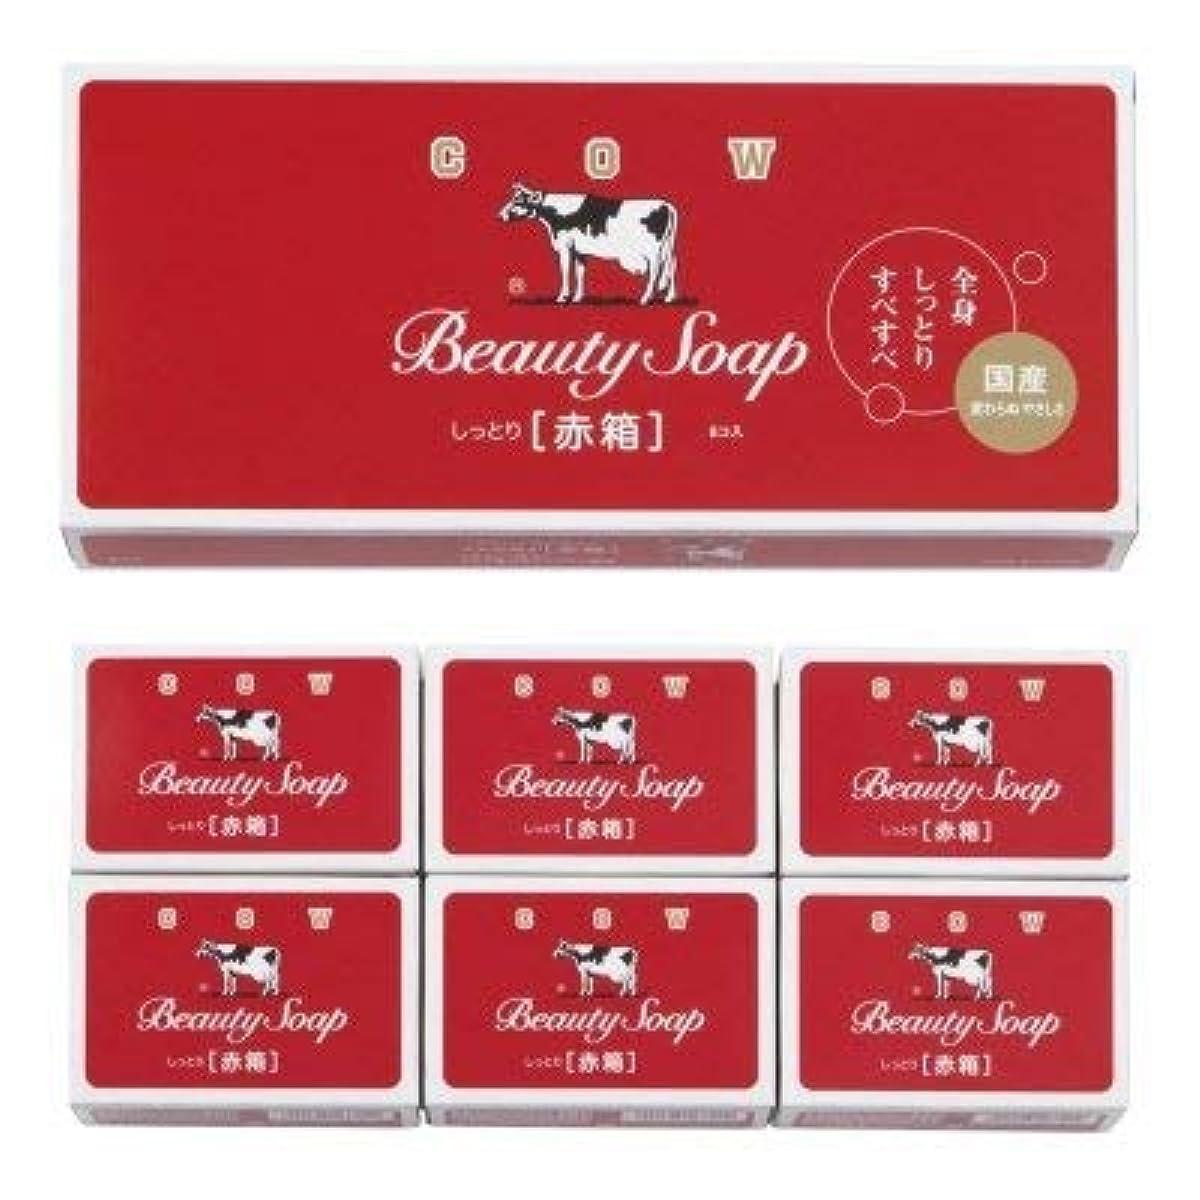 適格帰するブロッサム【国産】牛乳石鹸 カウブランド 赤箱6コ入 (12個1セット)